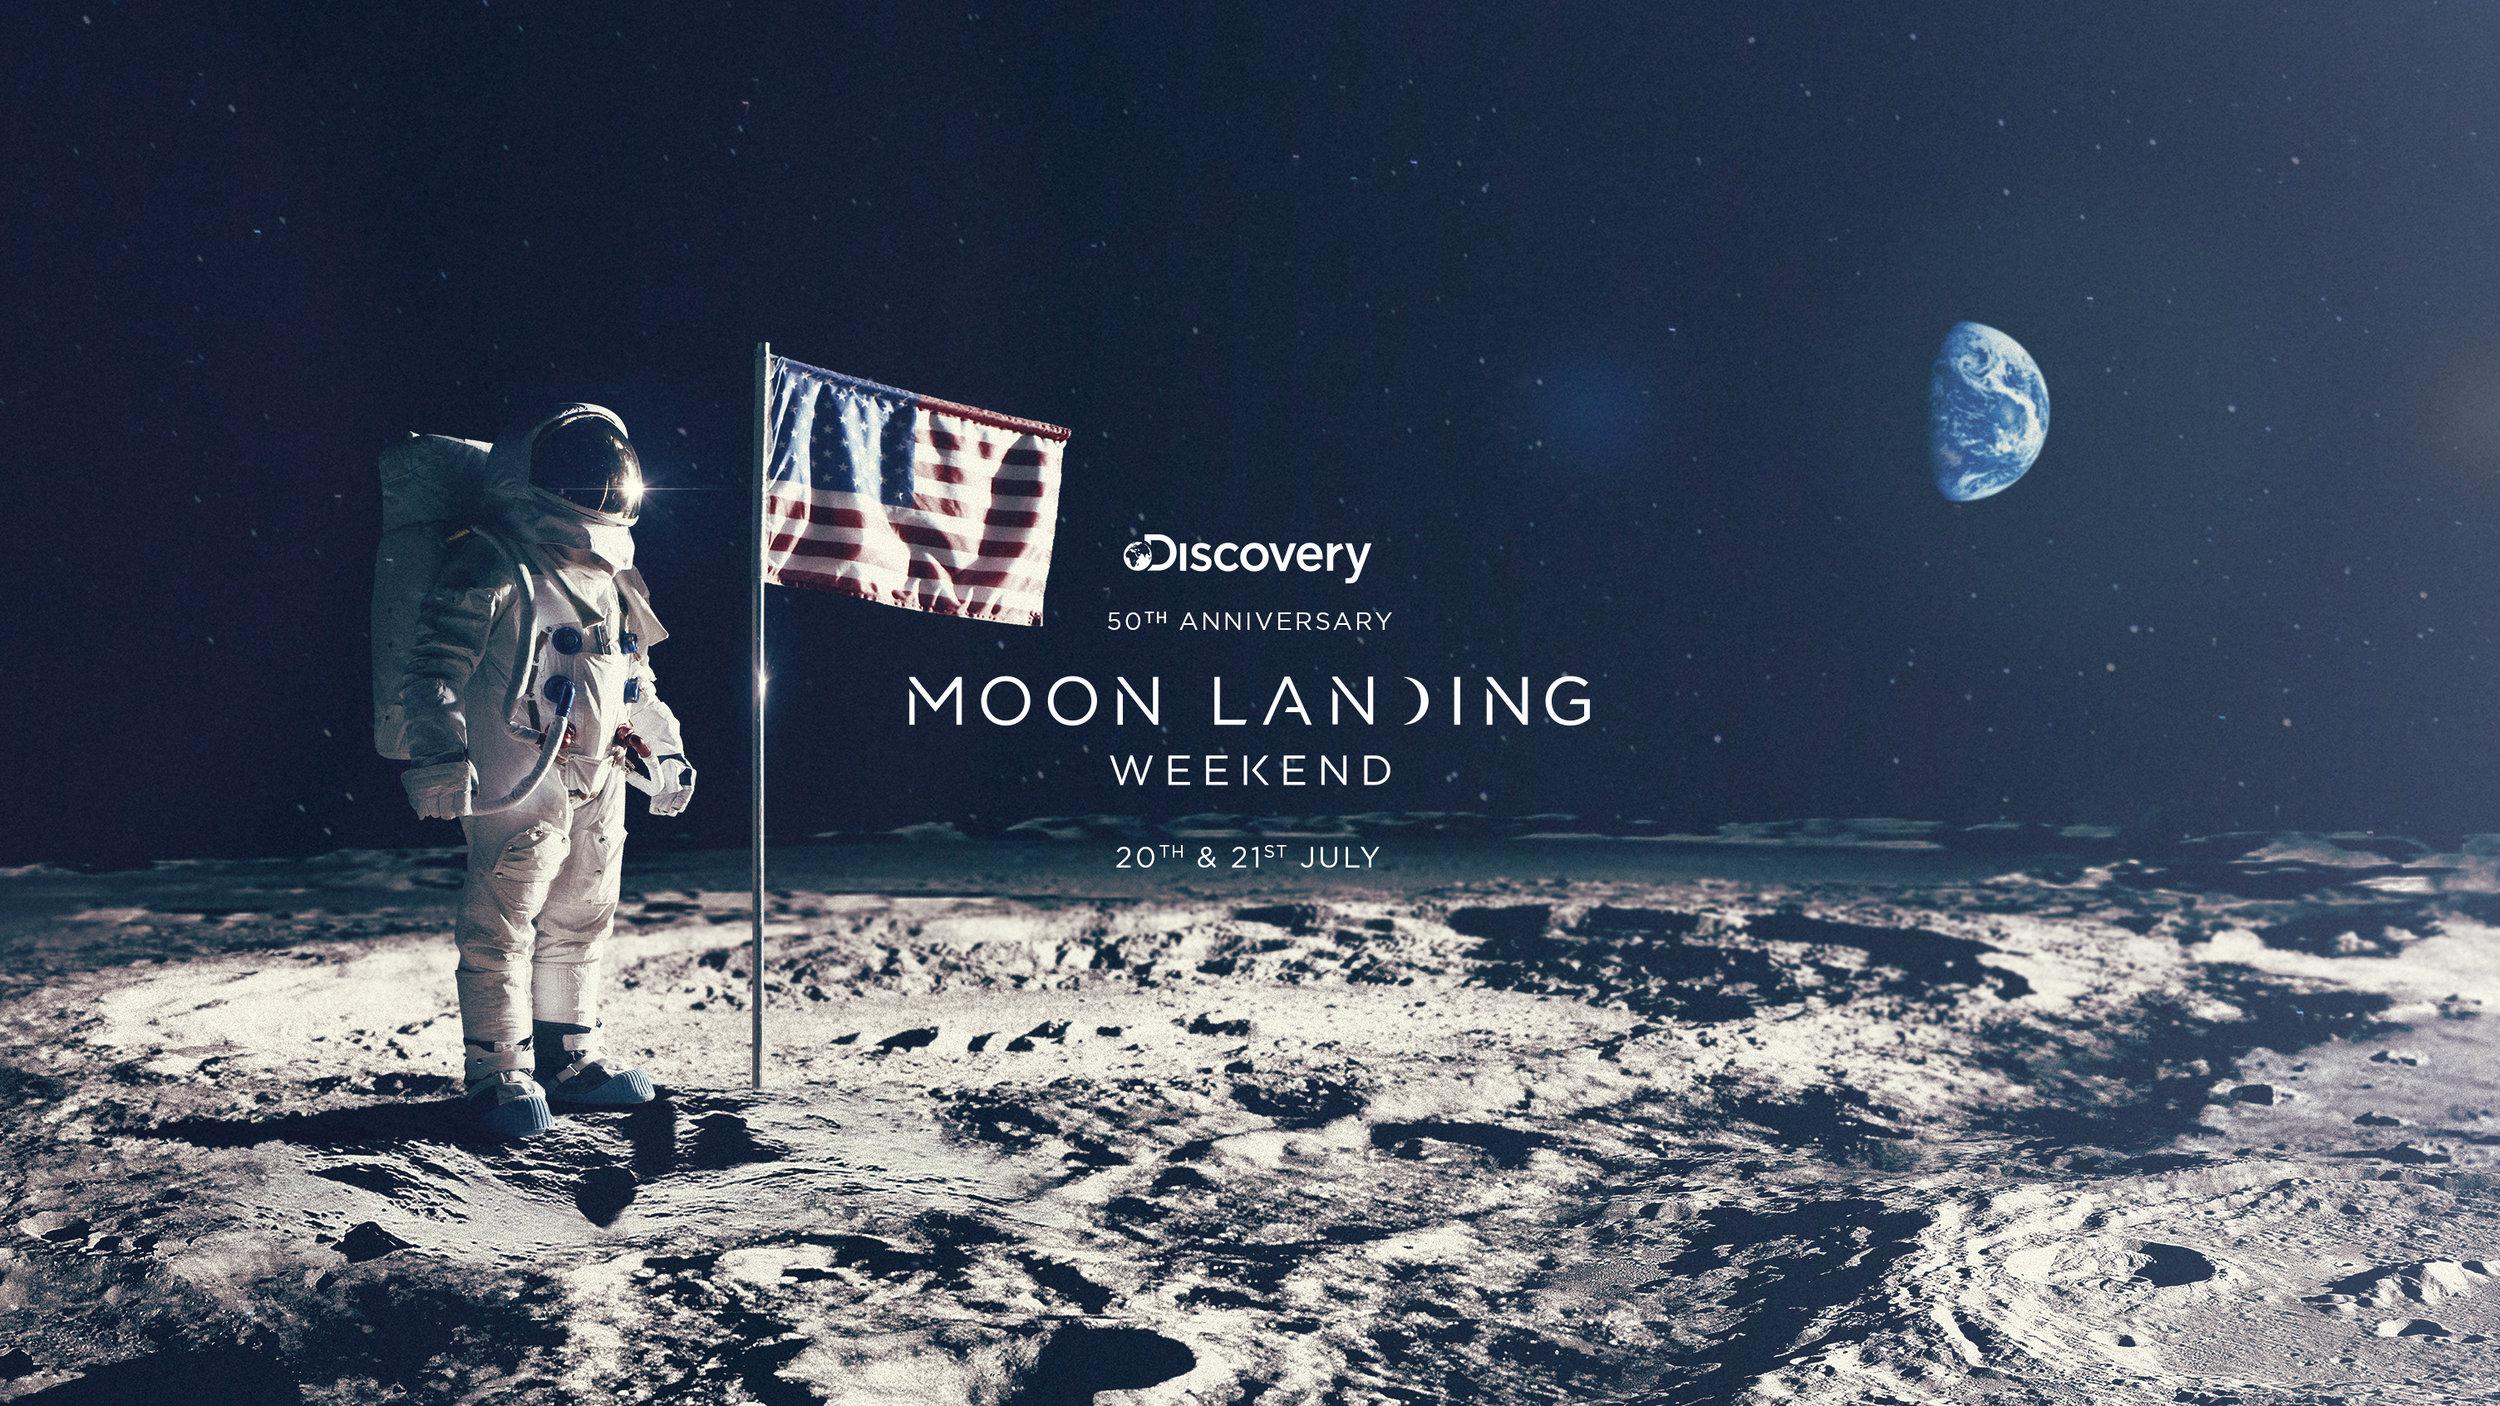 Moon Landing Weekend 2019